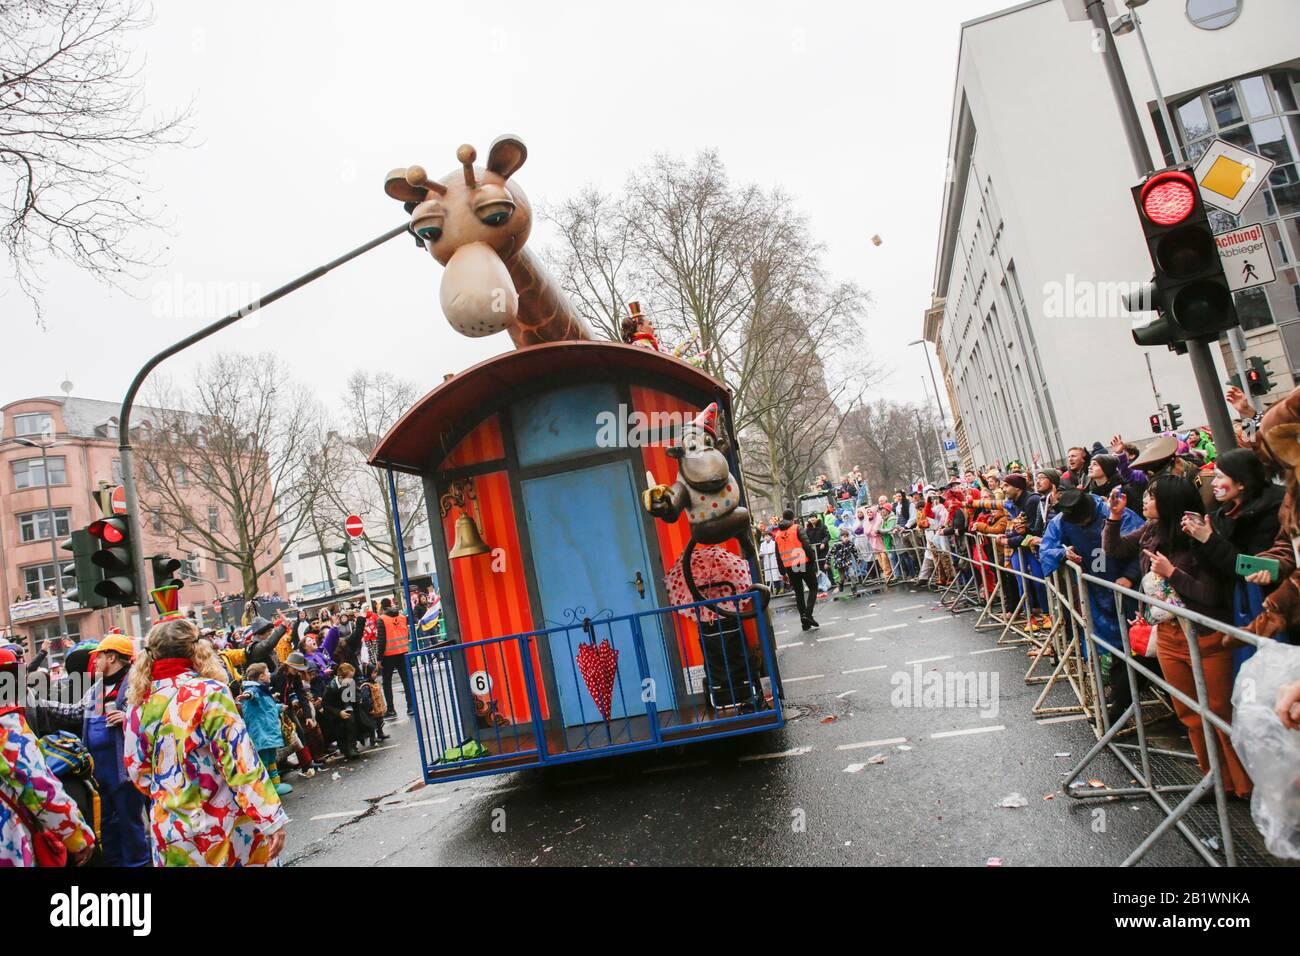 Magonza, Germania. 24th febbraio 2020. Una giraffa e una scimmia sono esposti su un galleggiante dal Carneval Club Mombach Die Eulenspiegel nella sfilata di Magonza Rose Lunedi. Circa mezzo milione di persone hanno fiancheggiato le strade di Magonza per la tradizionale sfilata del Carnevale di Rose Monday. La lunga sfilata di 9 km con oltre 9.000 partecipanti è una delle tre grandi Sfilate del lunedì delle Rose in Germania. Foto Stock